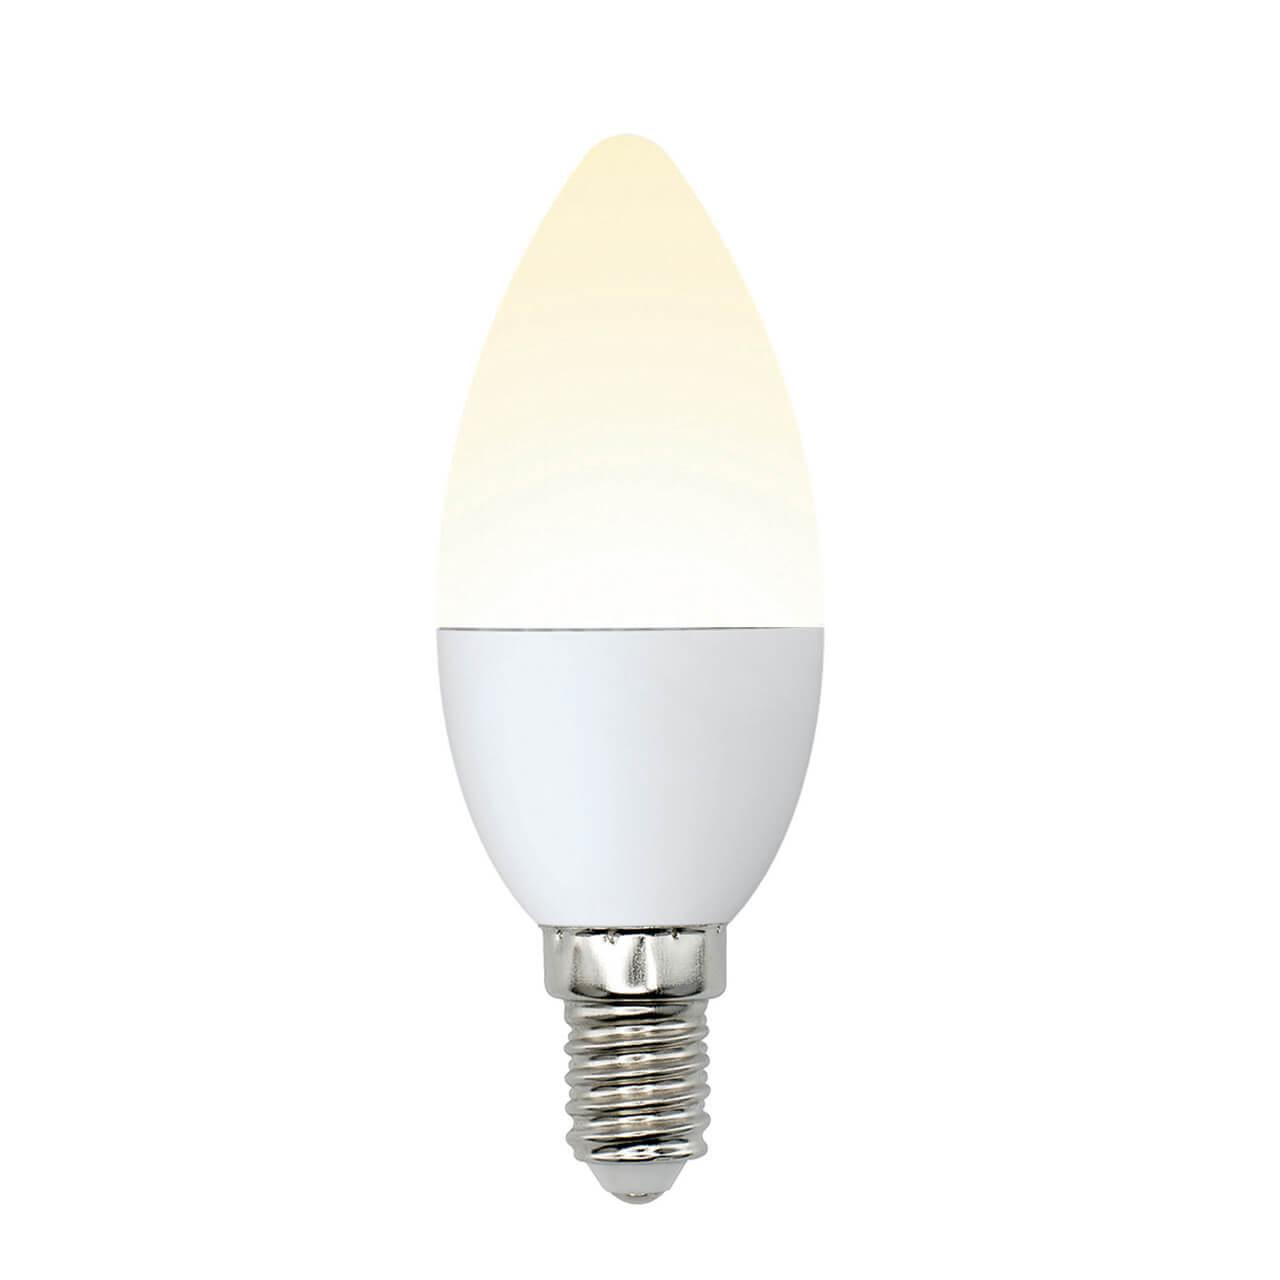 Лампа светодиодная (UL-00002373) Uniel E14 6W 3000K матовая LED-C37-6W/WW/E14/FR/MB PLM11WH цена в Москве и Питере